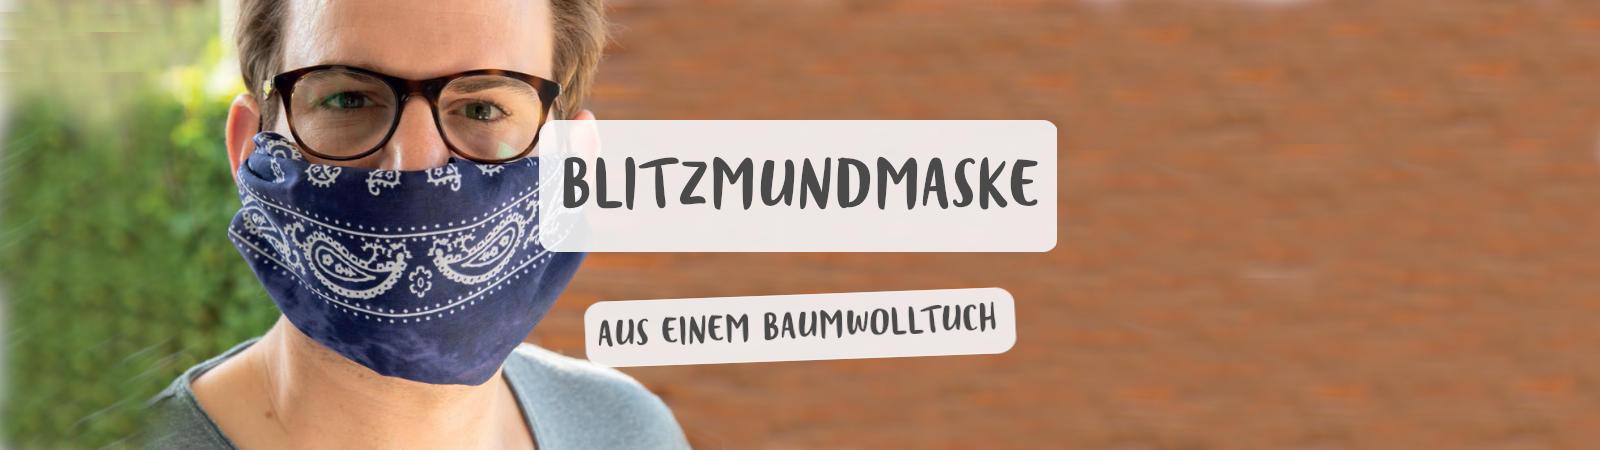 Mundnasenmaske_aus_Baumwolltuch_Banner_1600x450